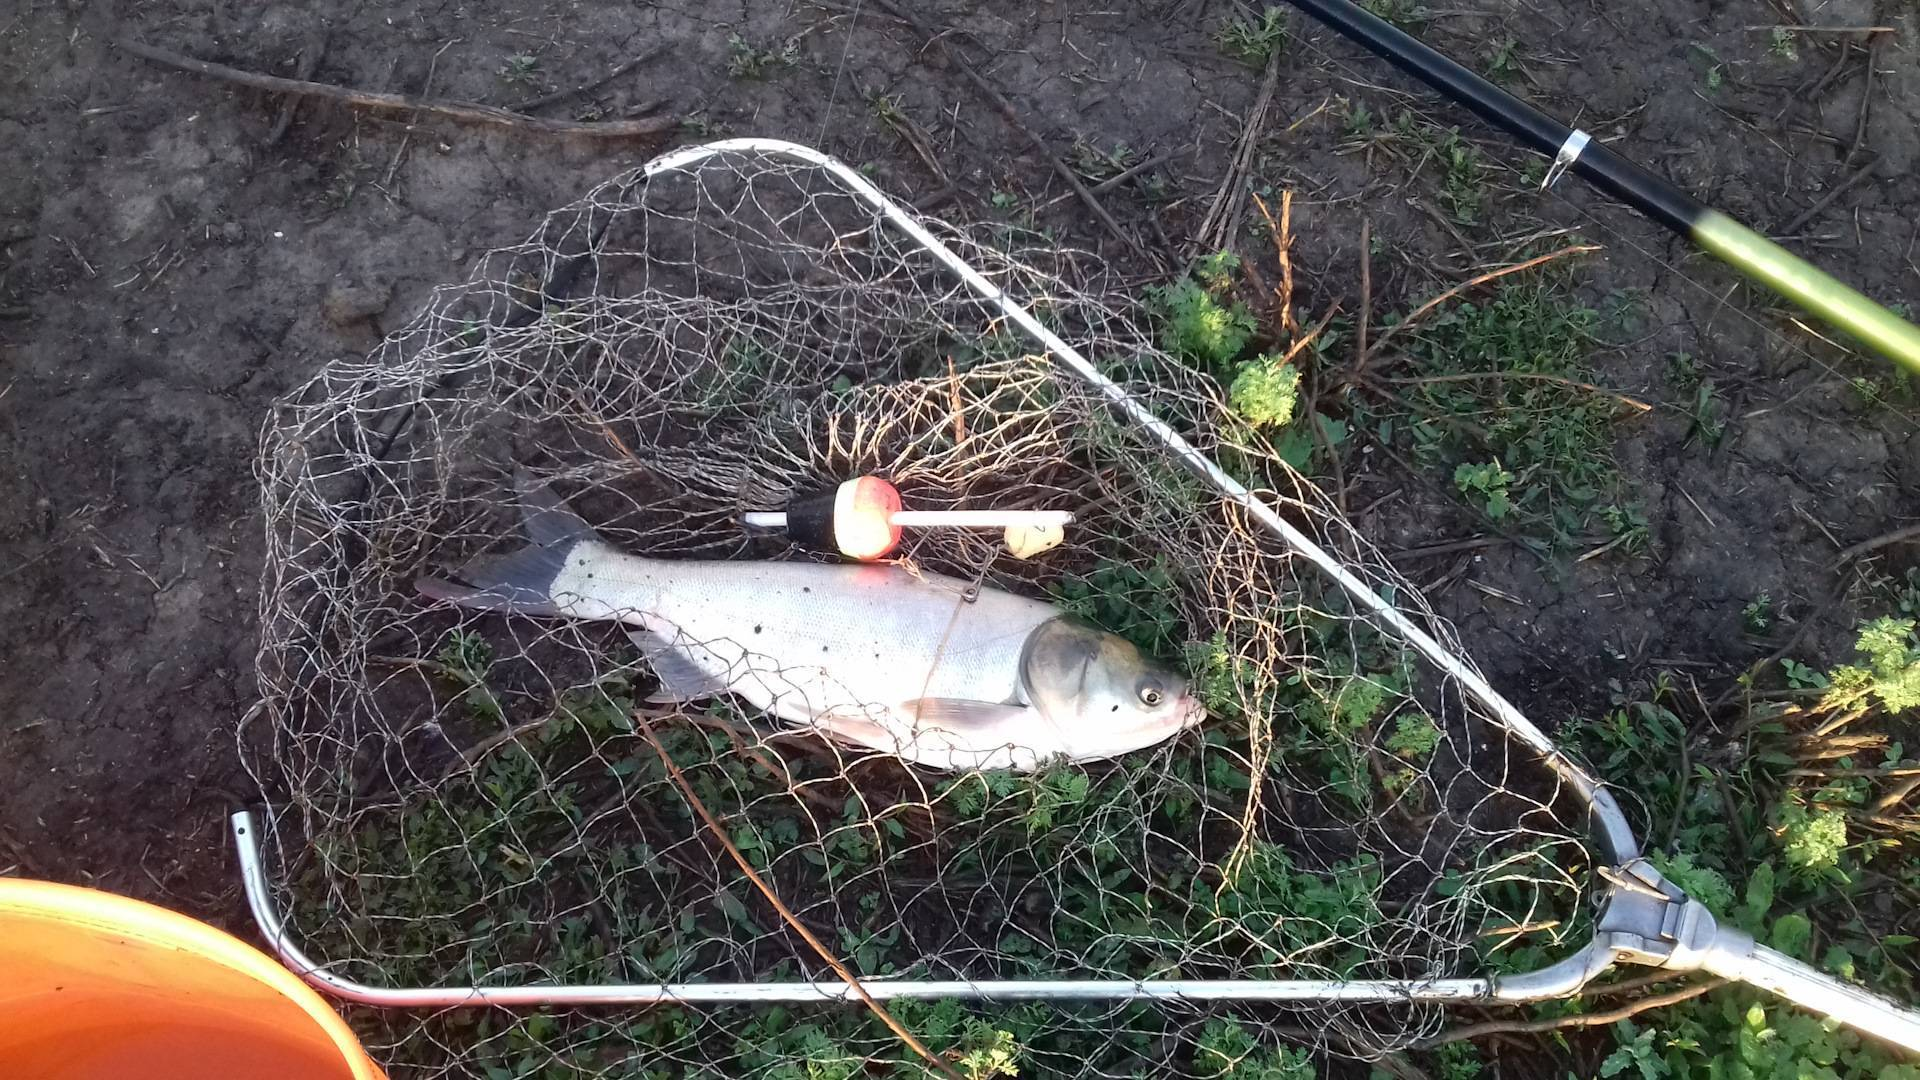 Рыбалка в брестской области: на реках, озерах, водохранилищах, клевые места